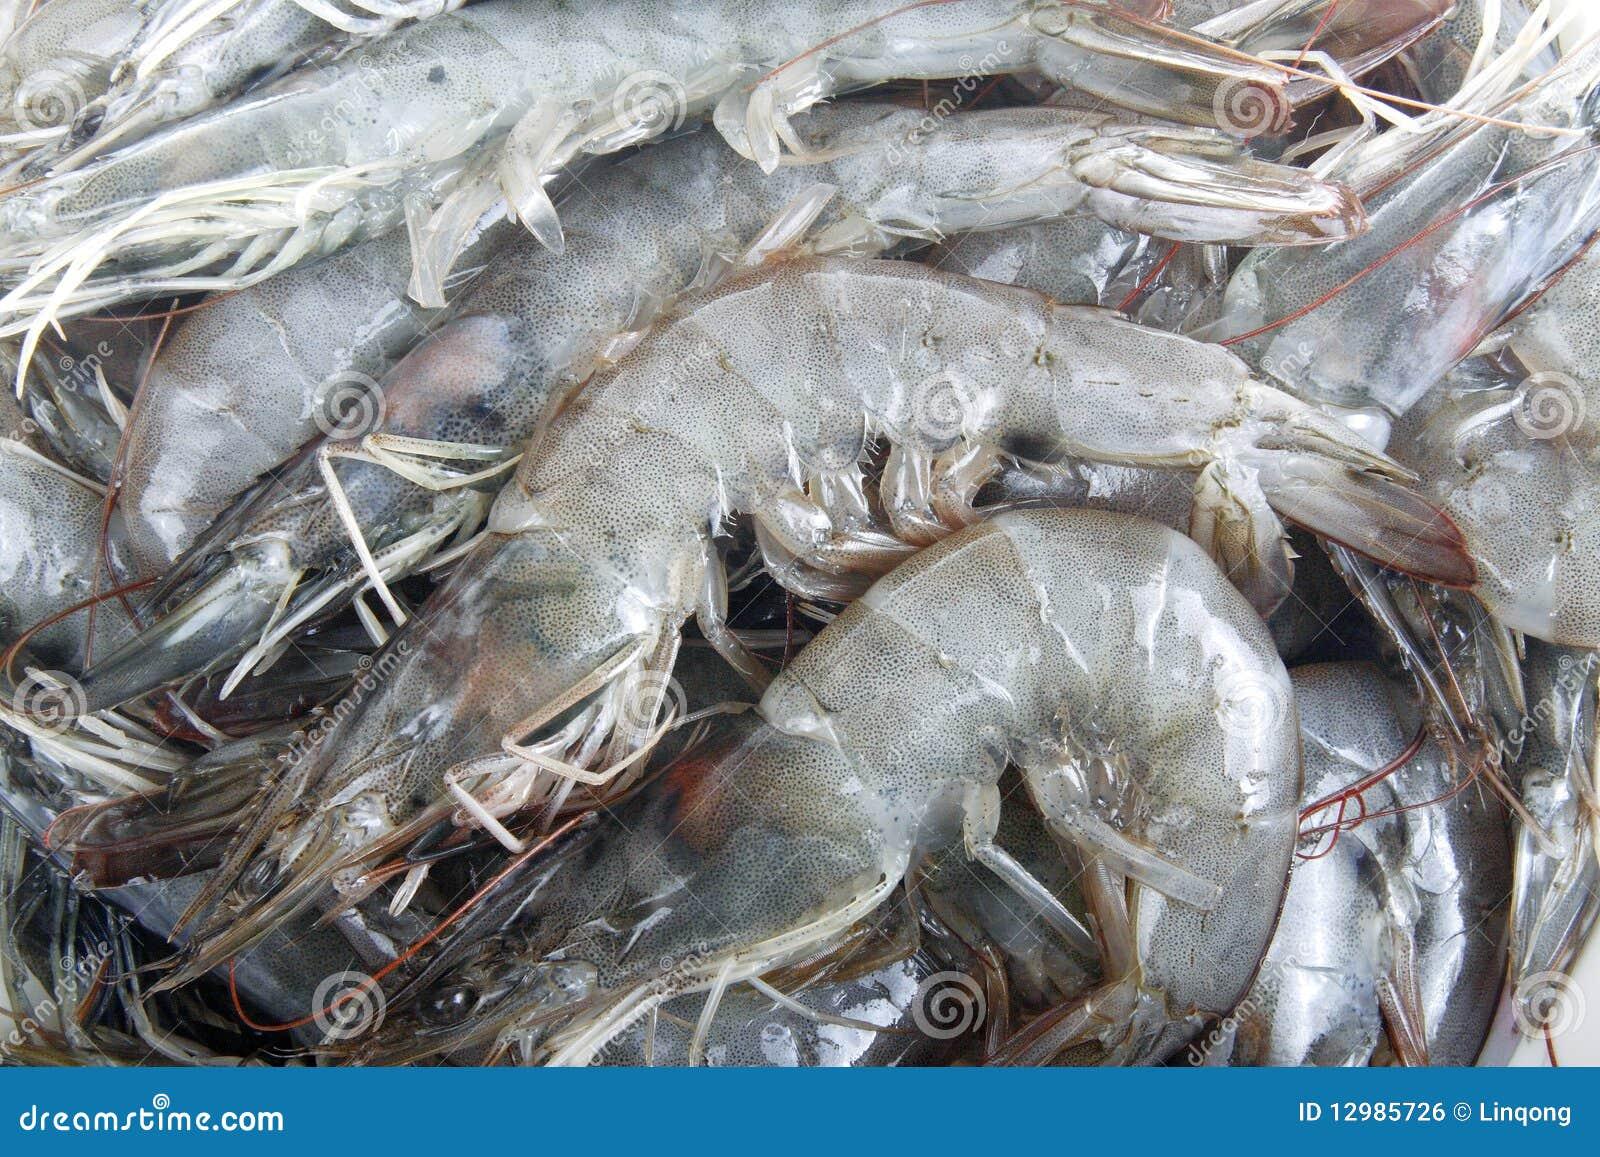 how to cook jumbo raw frozen shrimp